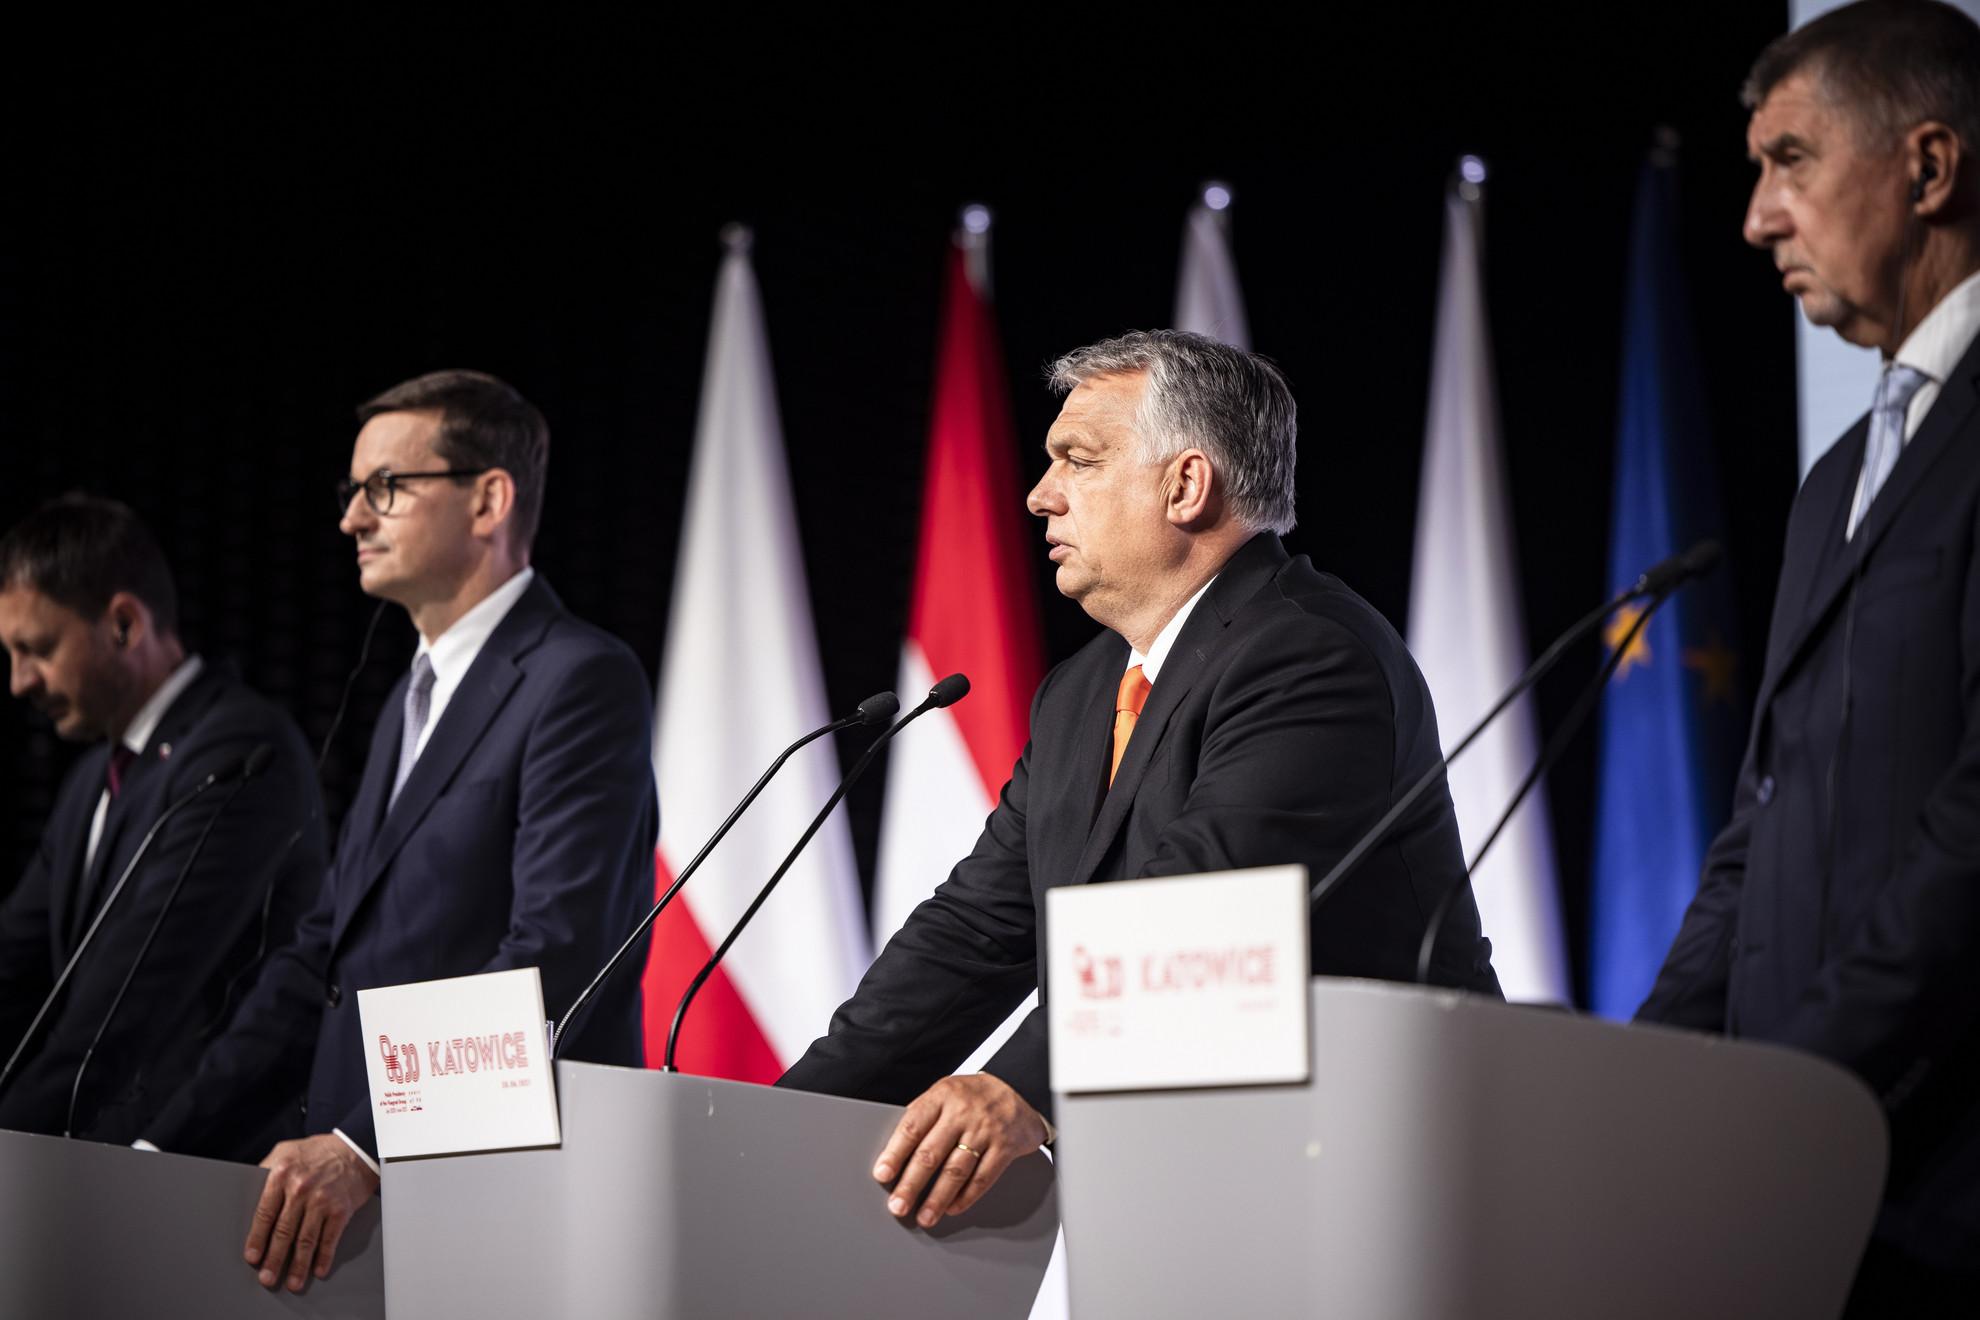 A Miniszterelnöki Sajtóiroda által közreadott képen Eduard Heger szlovák, Mateusz Morawiecki lengyel, Orbán Viktor magyar és Andrej Babis cseh miniszterelnök (b-j) a visegrádi csoport (V4) miniszterelnökeinek csúcsértekezletén tartott sajtótájékoztatón Katowicében